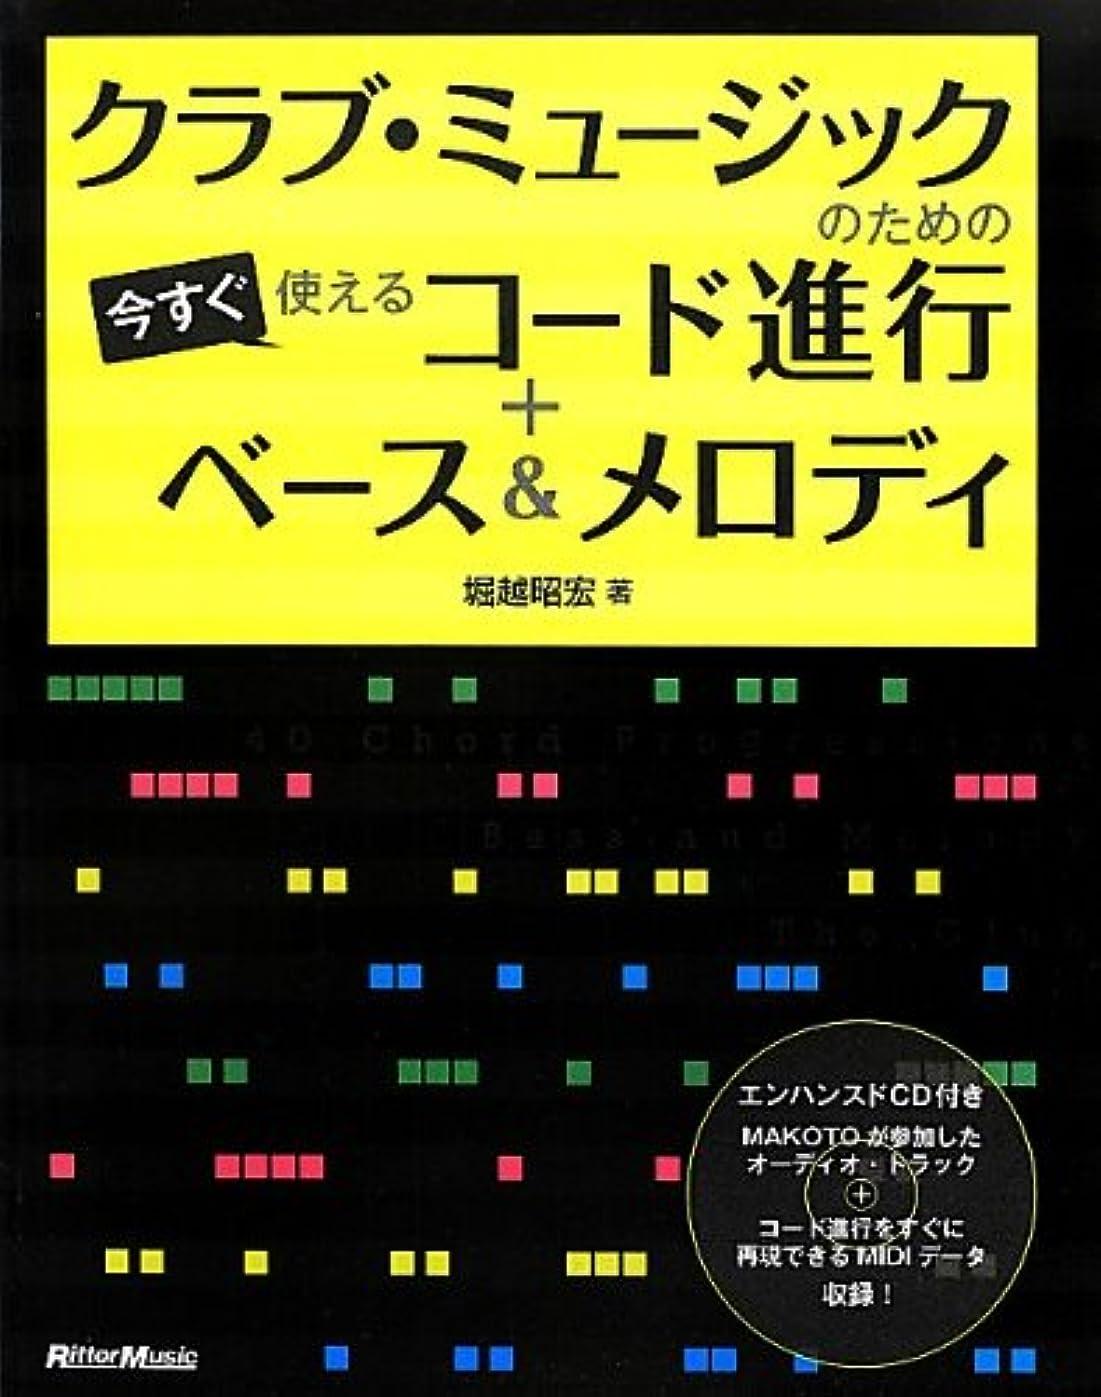 バンカー重力退院クラブ?ミュージックのための今すぐ使えるコード進行+ベース&メロディ (エンハンスドCD付き)